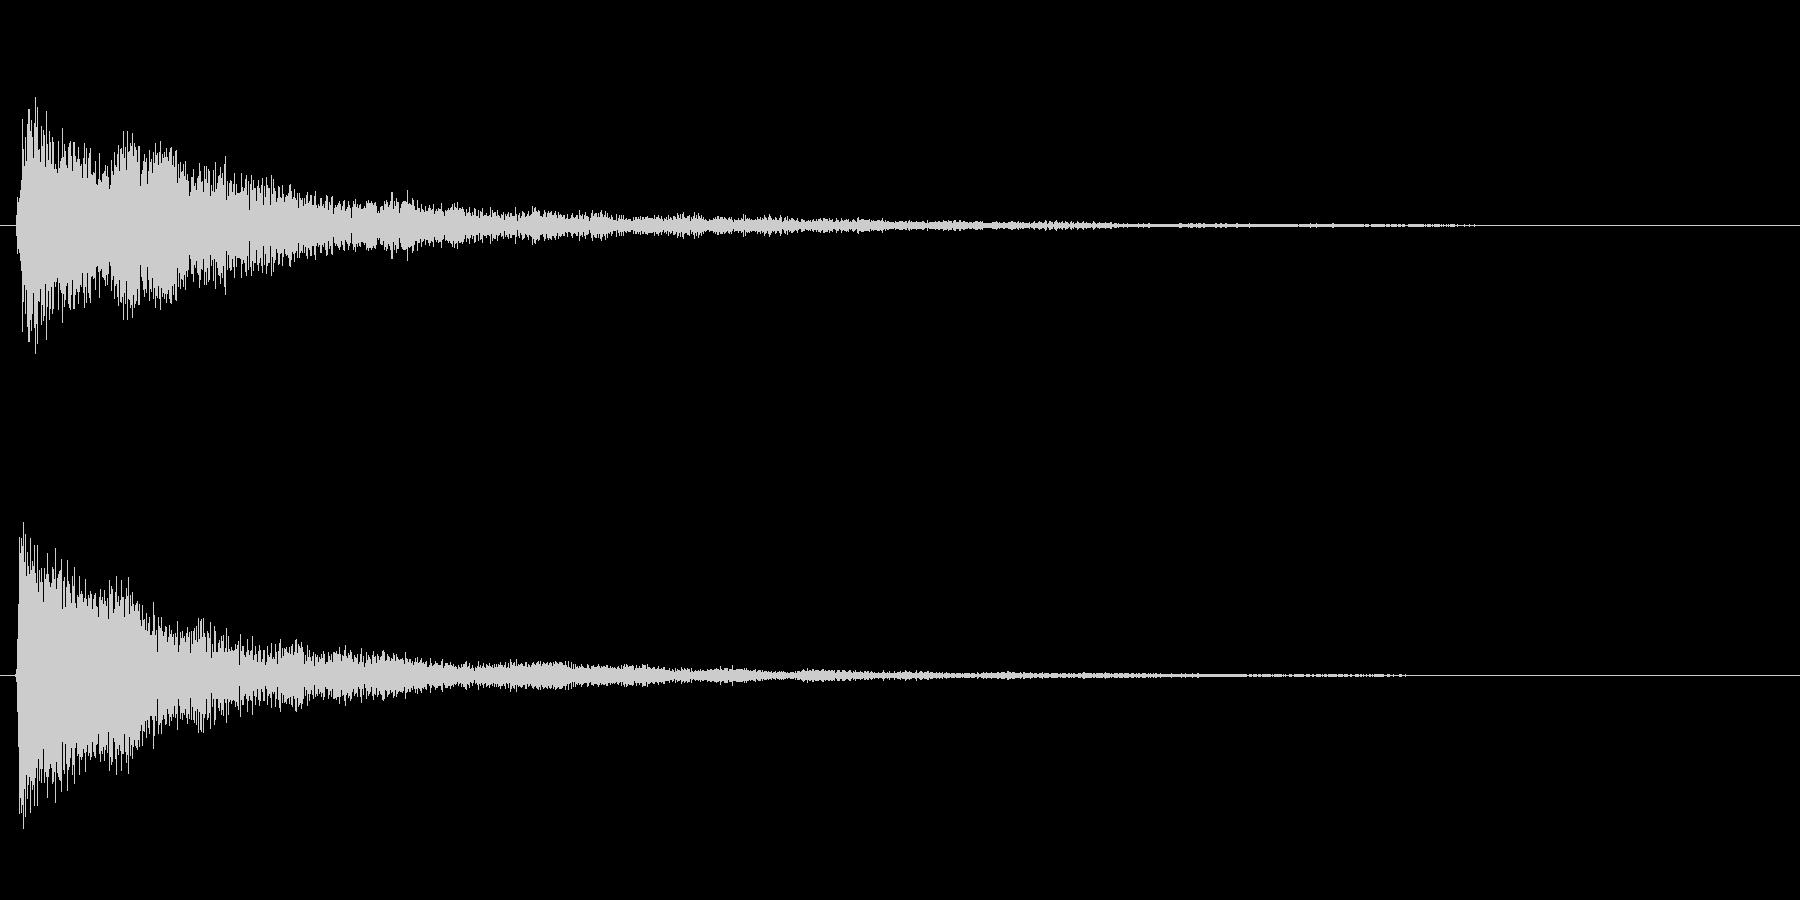 ピアノのワンショット効果音01の未再生の波形